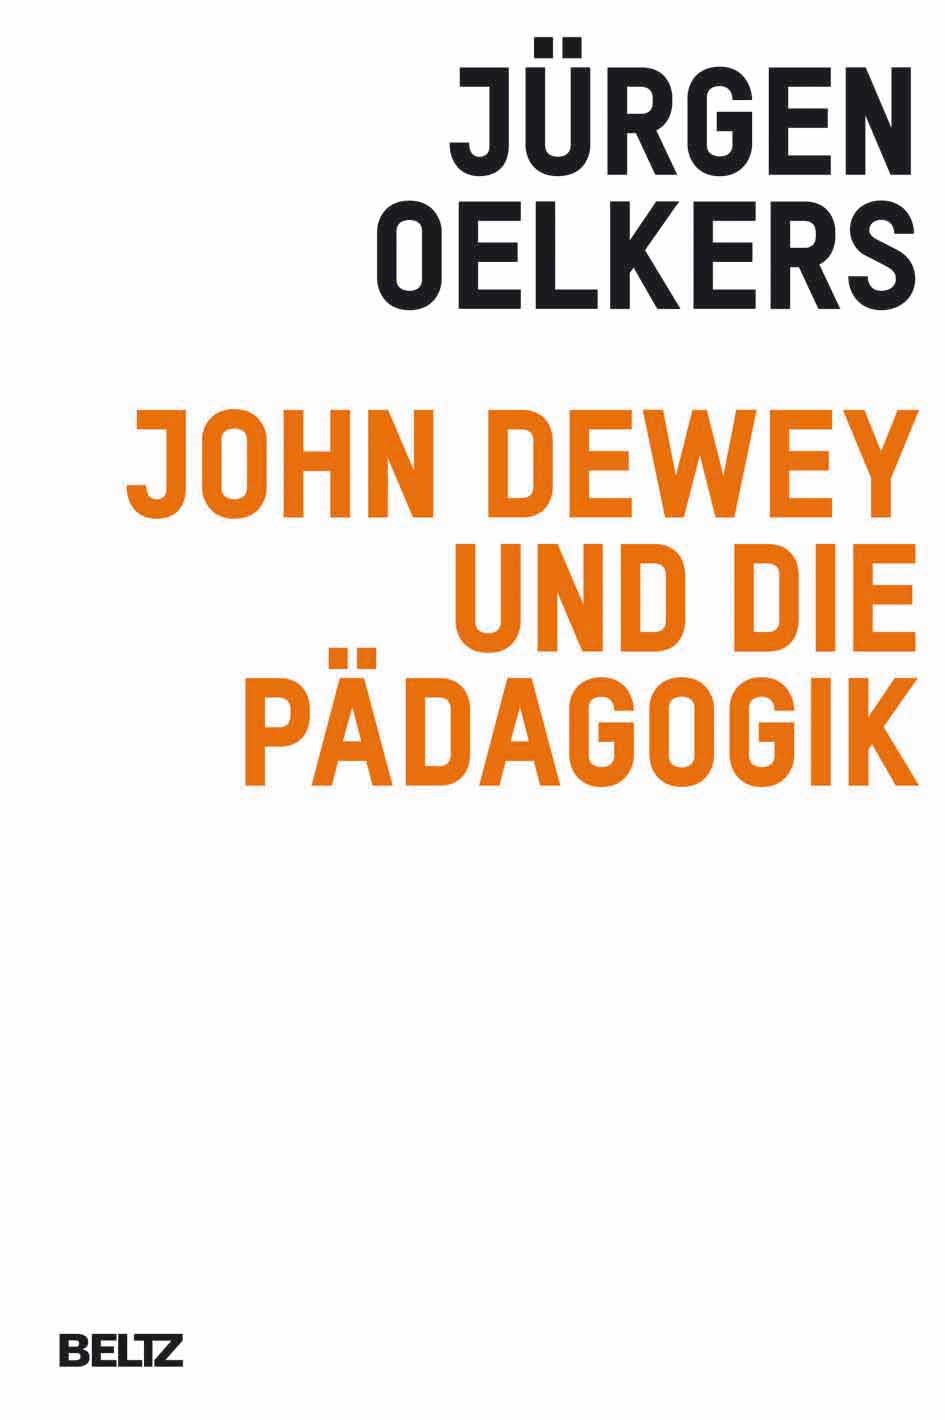 John Dewey und die Pädagogik | Oelkers | Originalausgabe, 2009 | Buch (Cover)